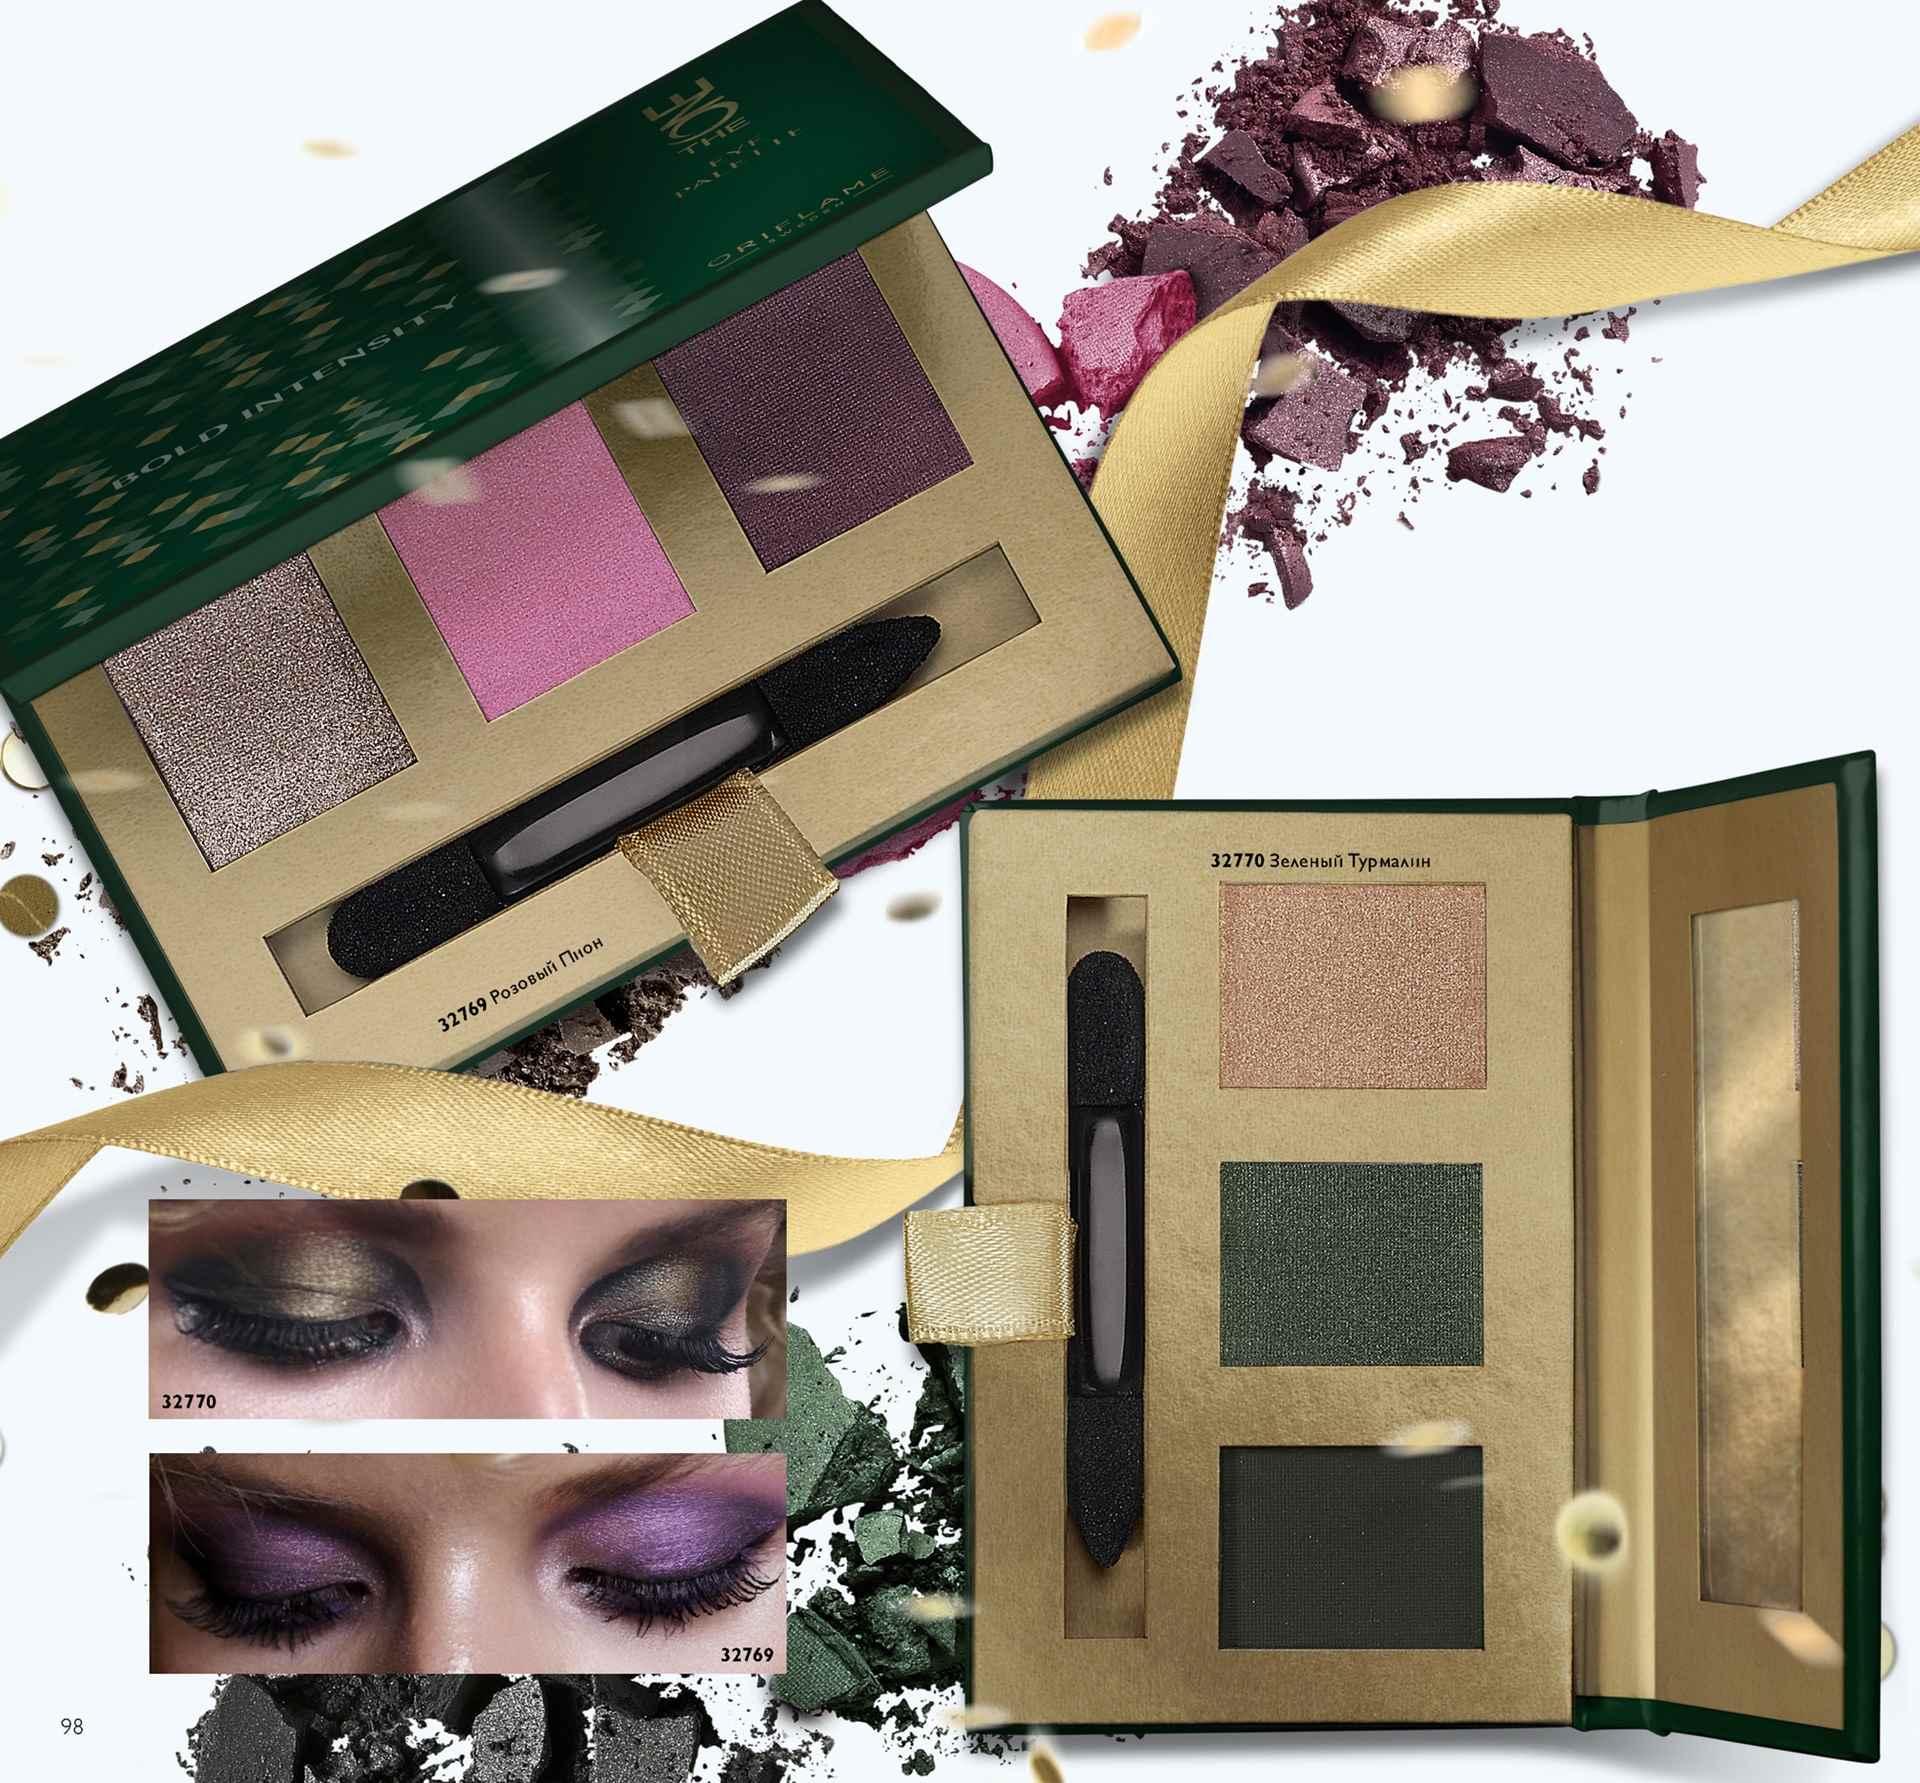 Cбор заказов. Шведская косметика и парфюмерия для всей семьи.Oriflame 17-16.